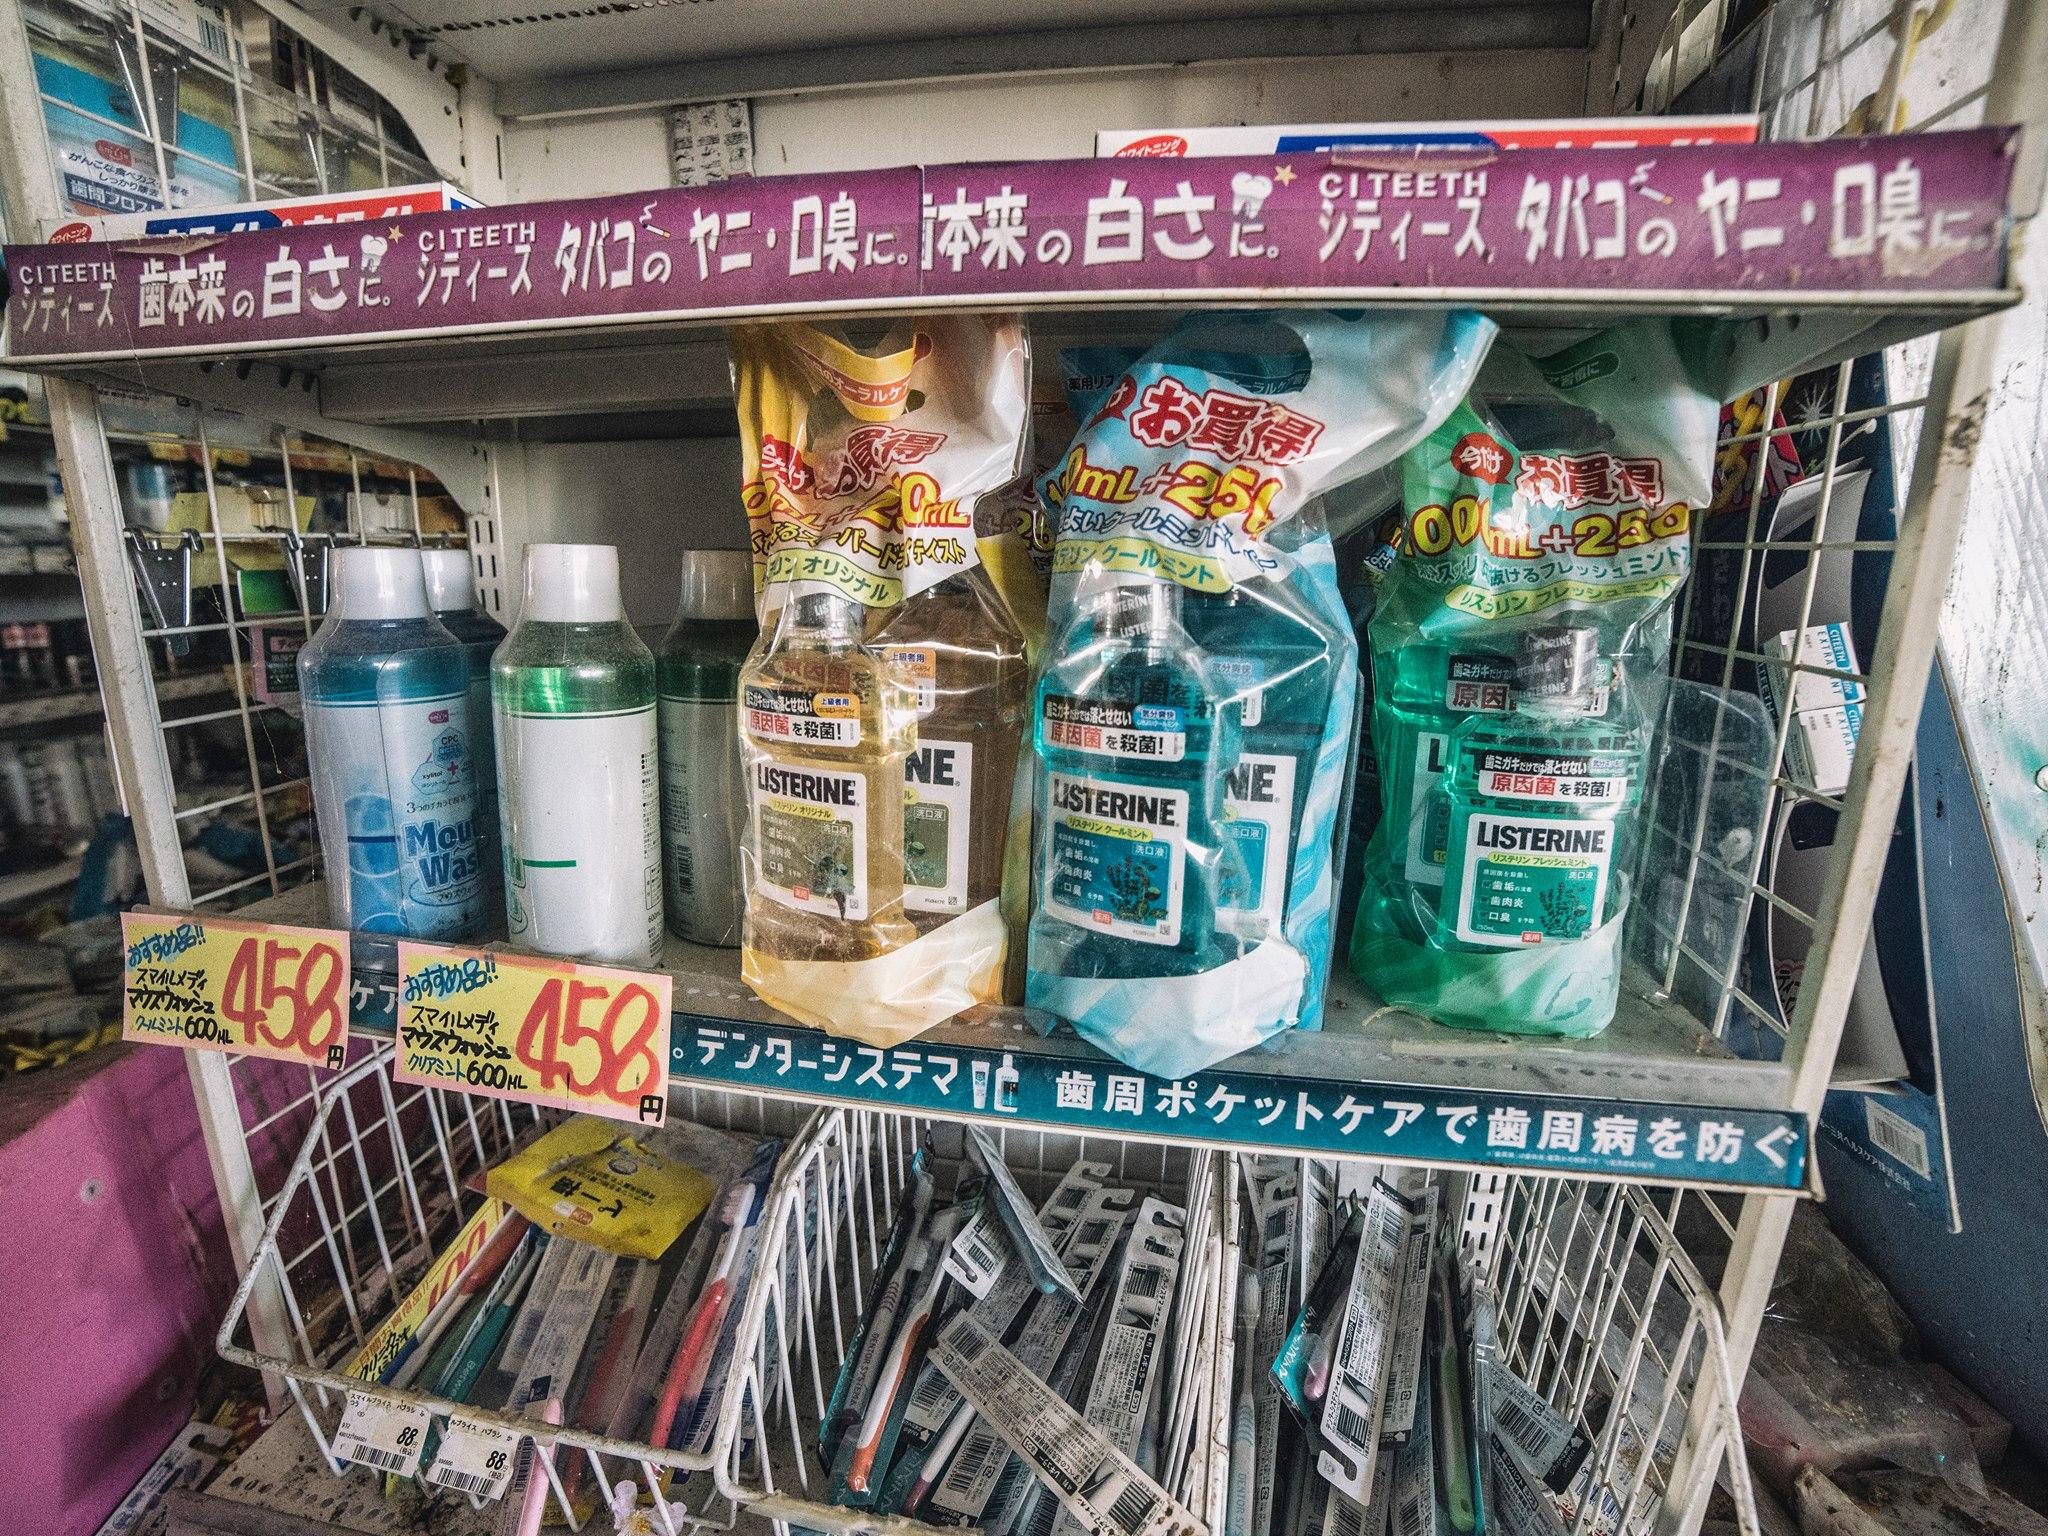 como es fukushima 5 años después del desastre 5